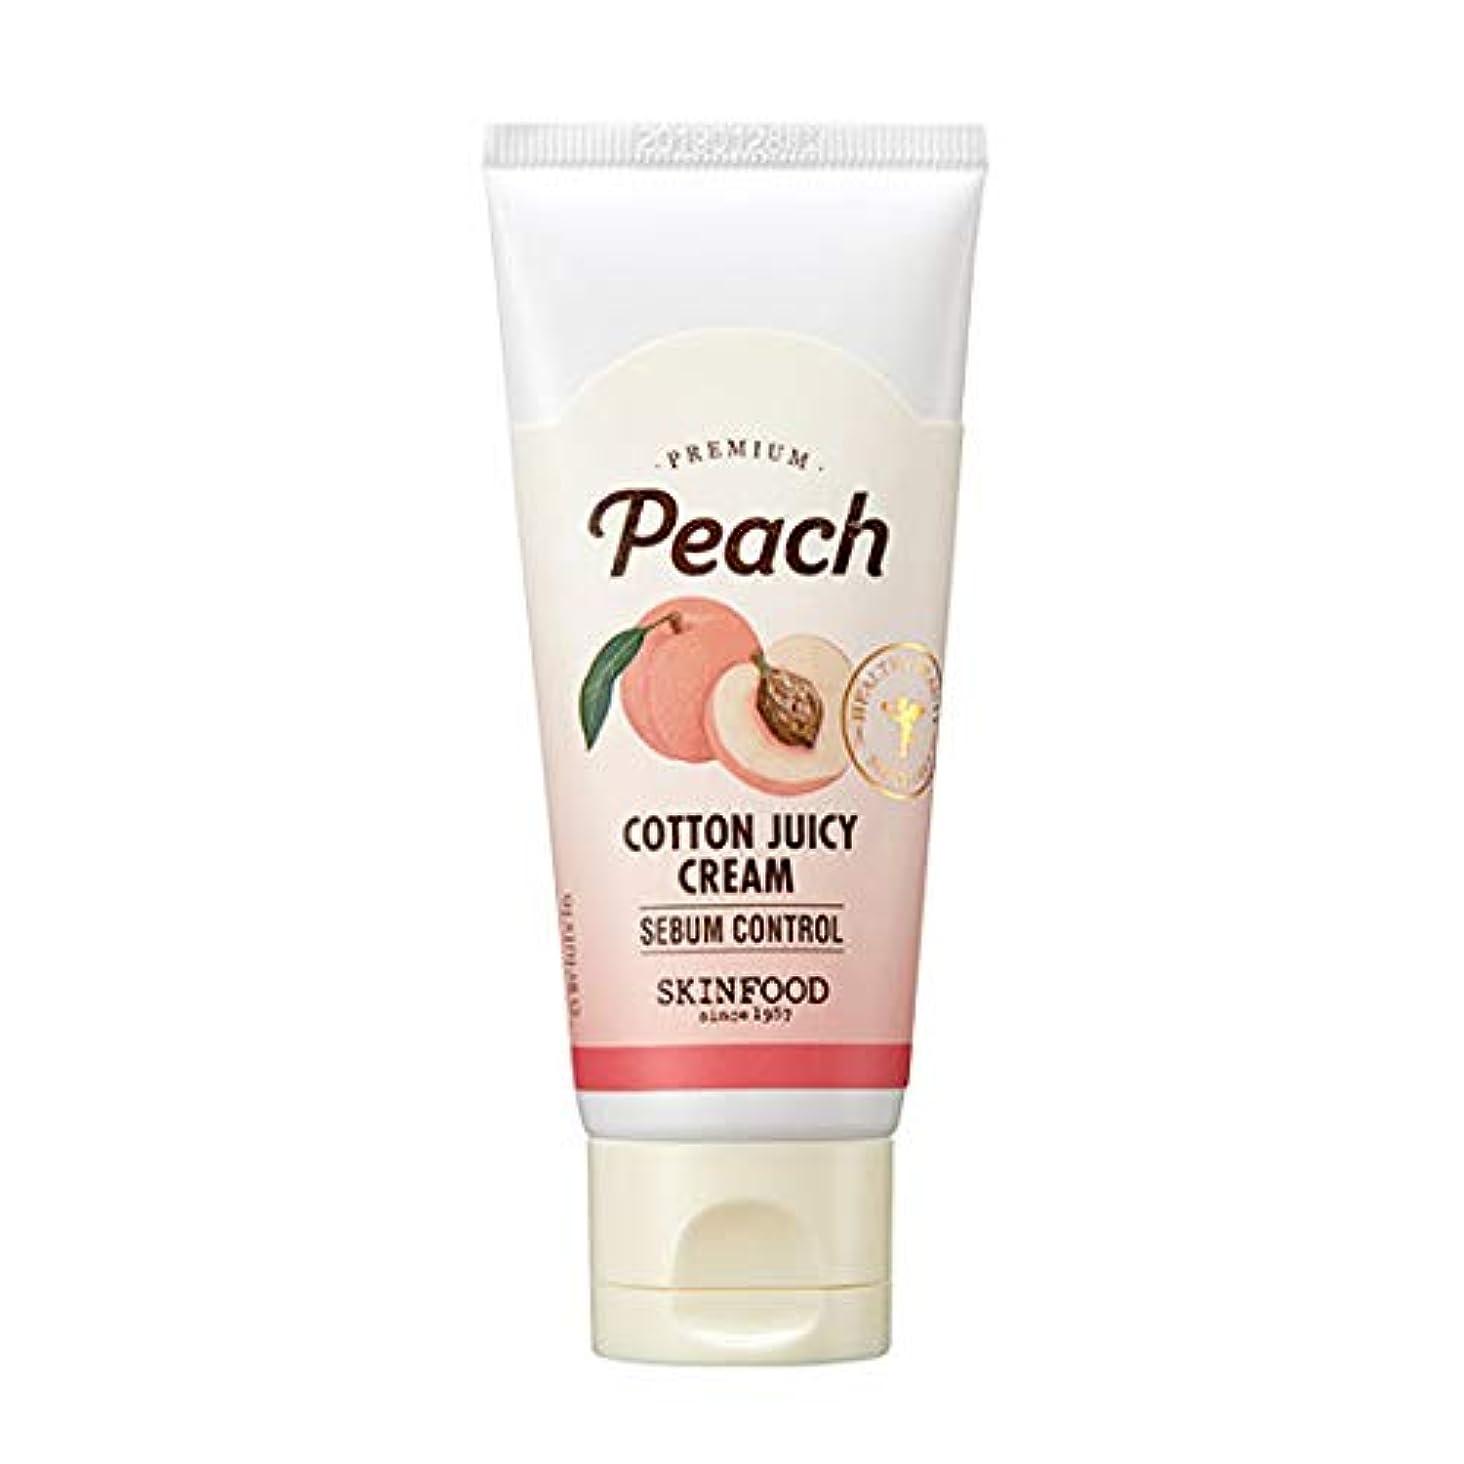 バーターアイドル平らにするSkinfood プレミアムピーチコットンジューシークリーム/Premium Peach Cotton Juicy Cream 60ml [並行輸入品]